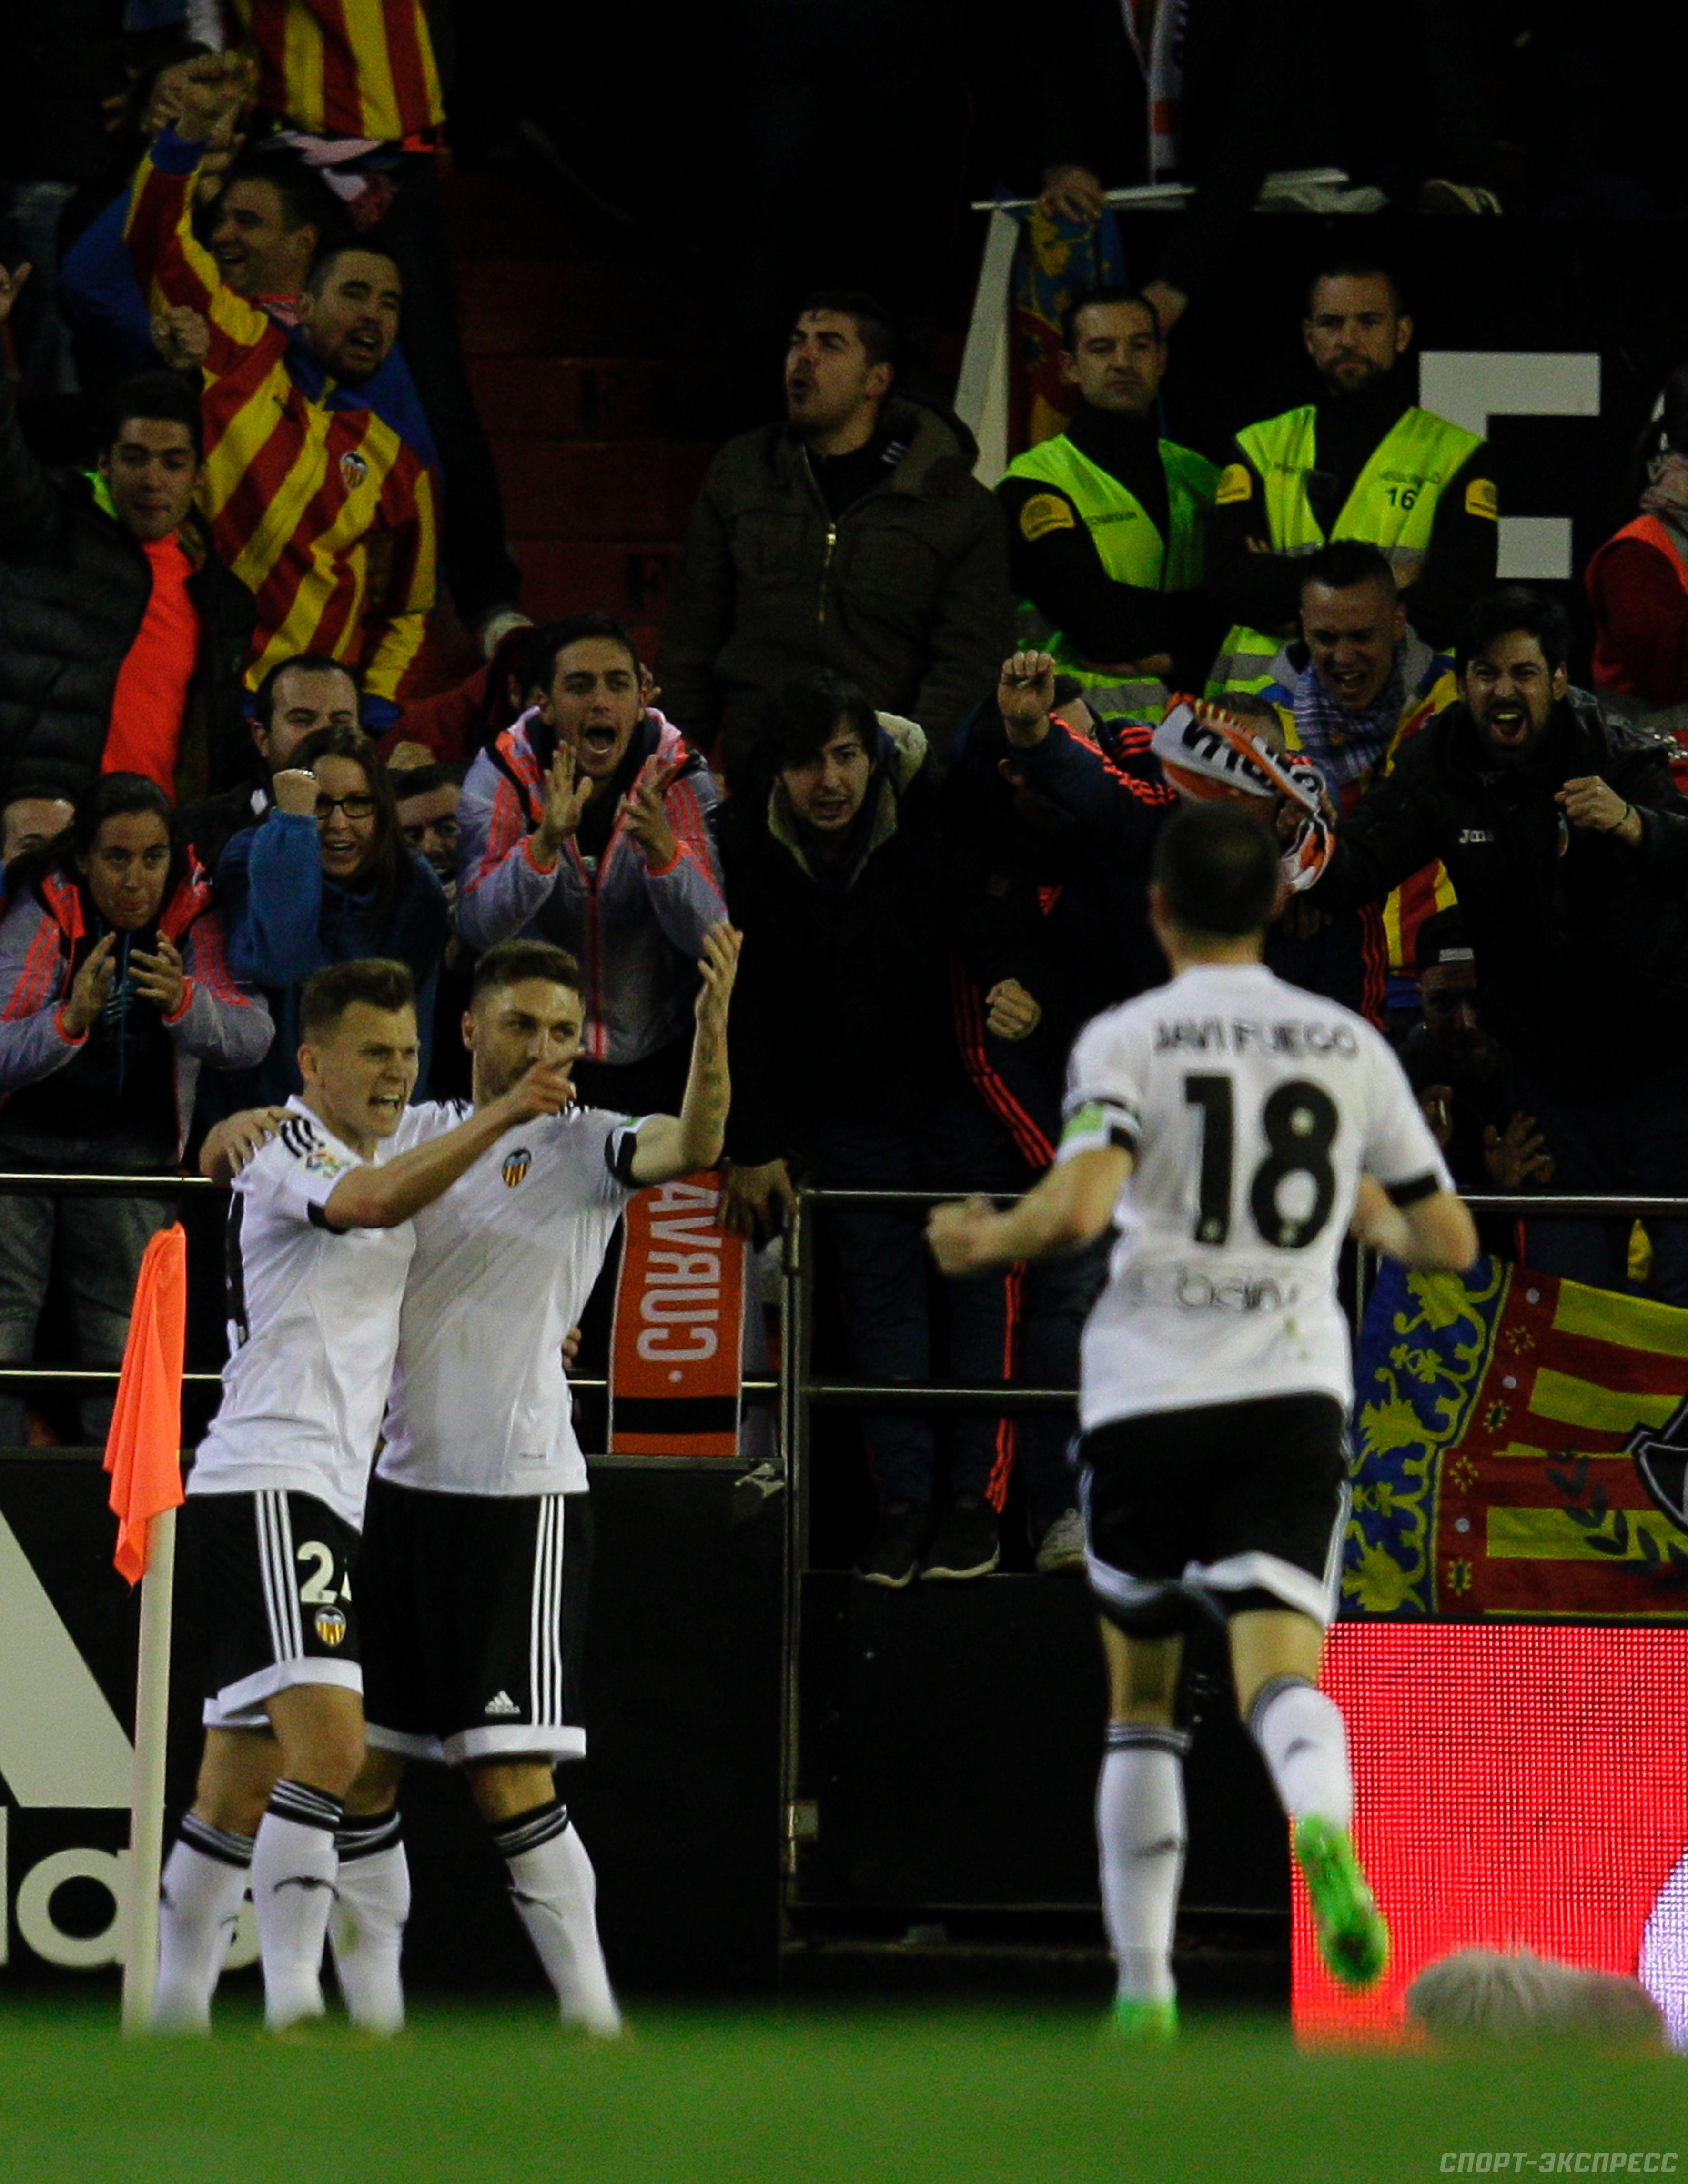 Прогноз на матч Севилья - Валенсия 26 ноября 2016